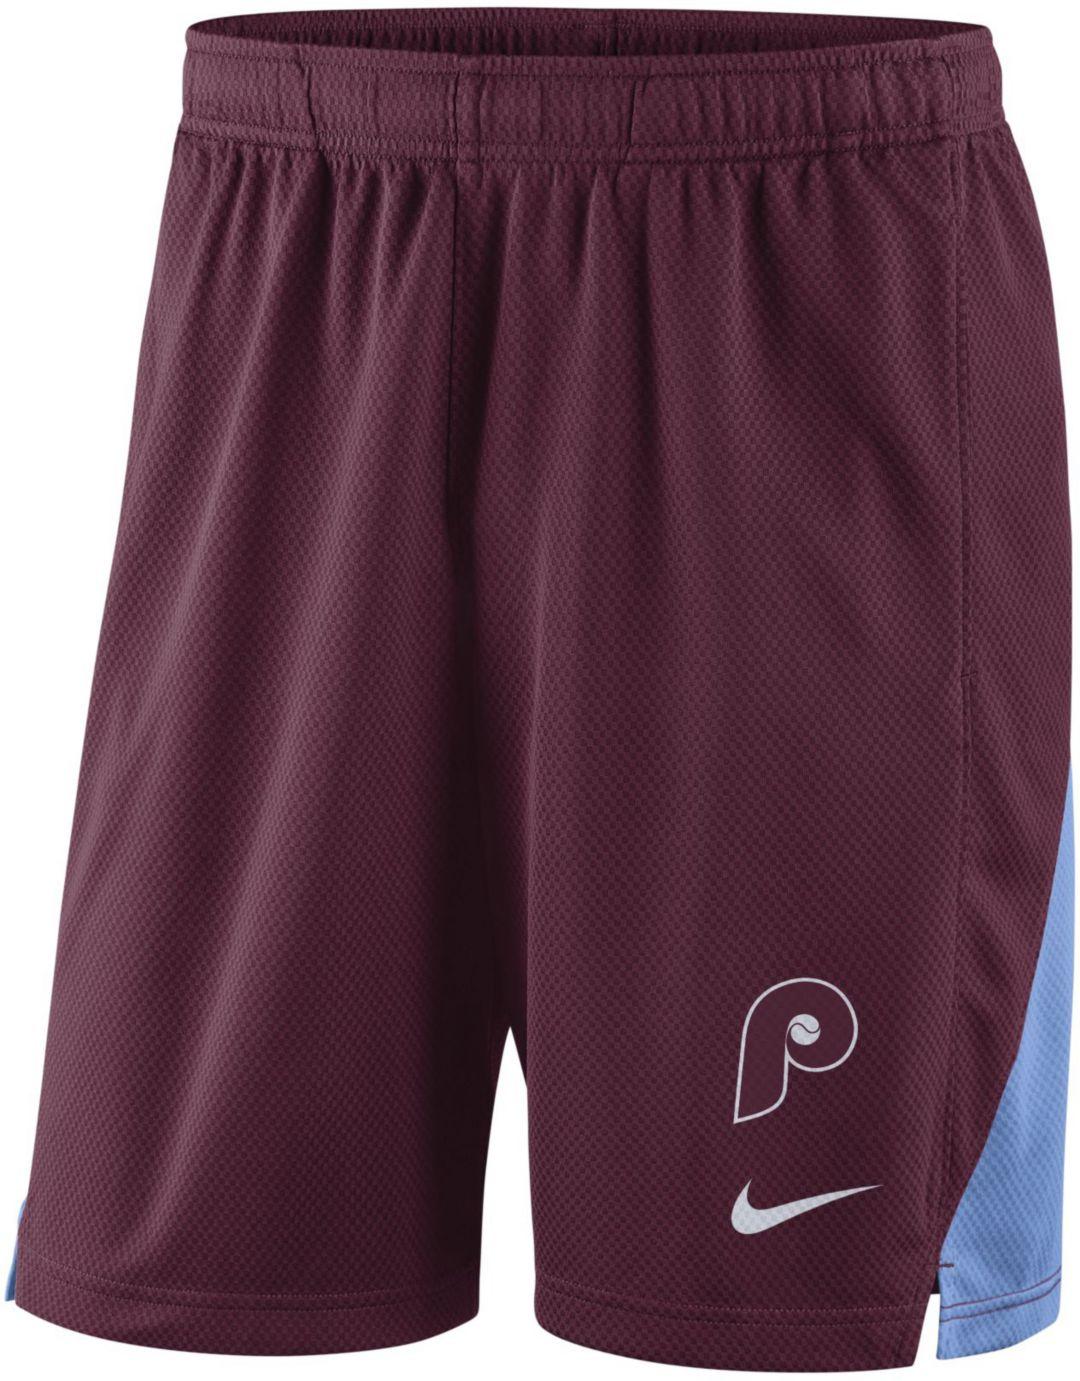 fb58b483f Nike Men's Philadelphia Phillies Franchise Knit Shorts